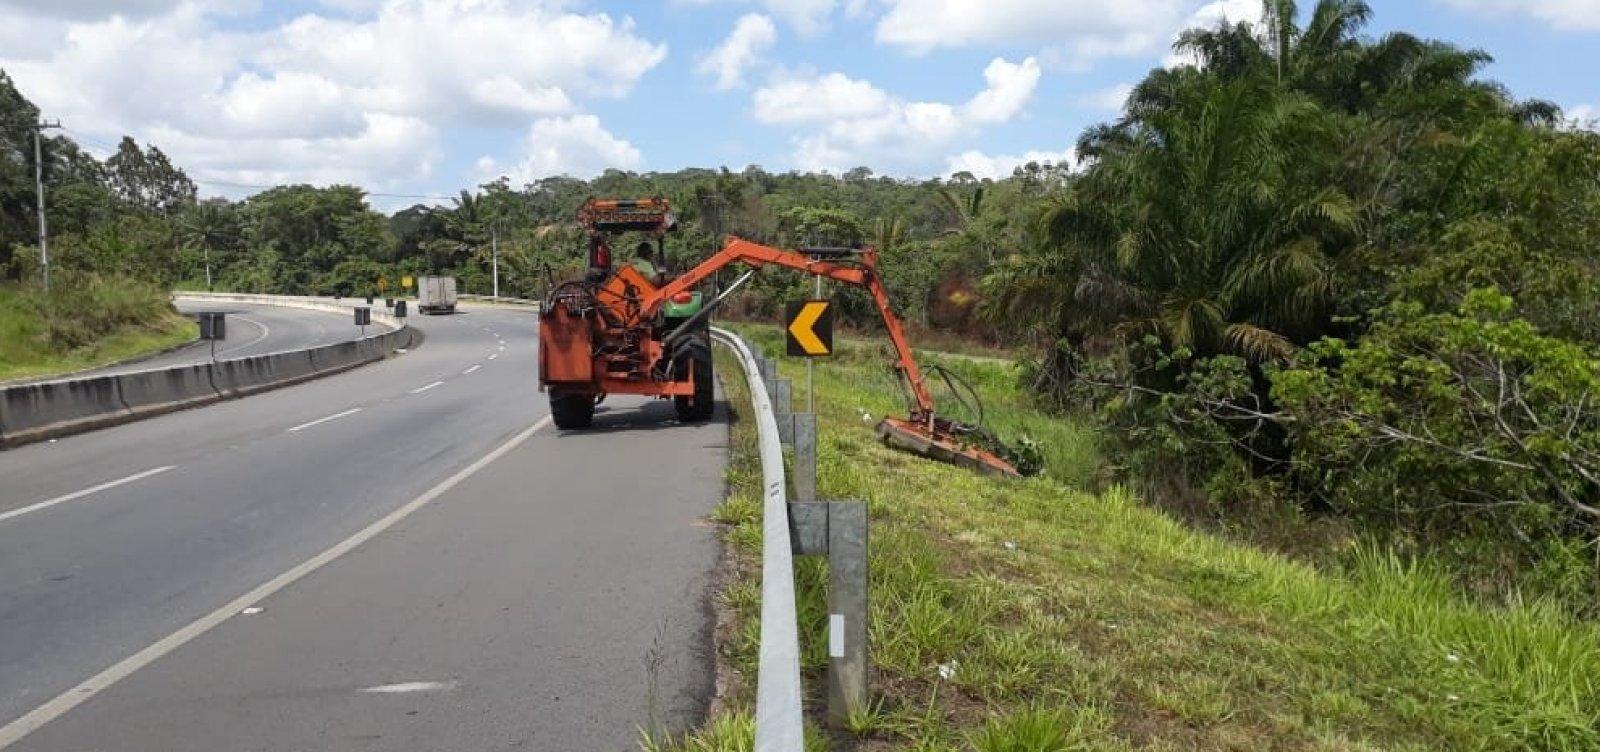 Obras de manutenção são realizadas na Via Parafuso